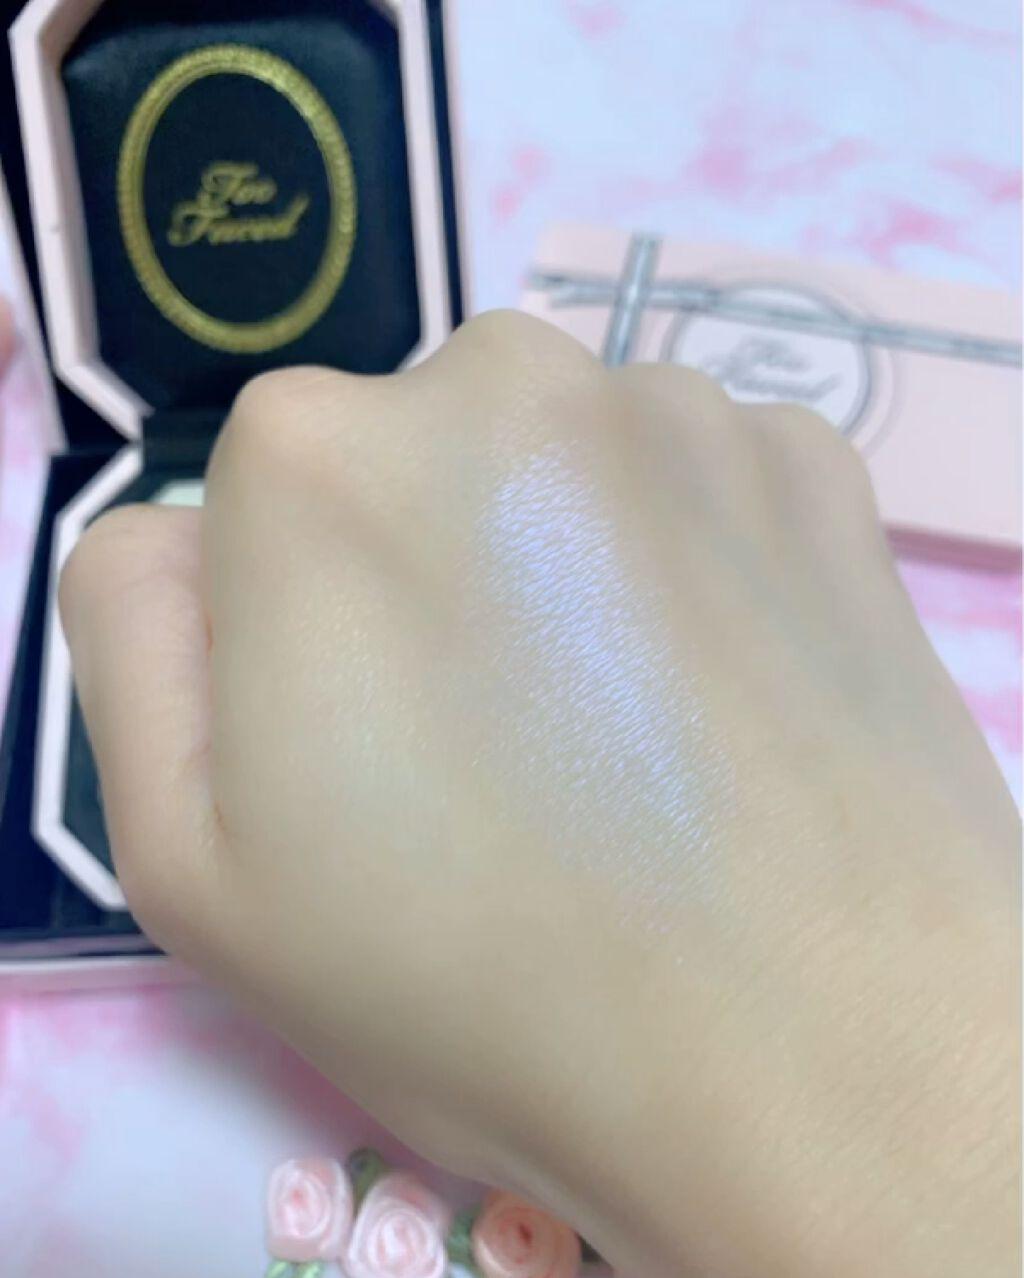 ダイヤモンドライト ハイライター ブラシ/Too Faced/メイクブラシを使ったクチコミ(4枚目)